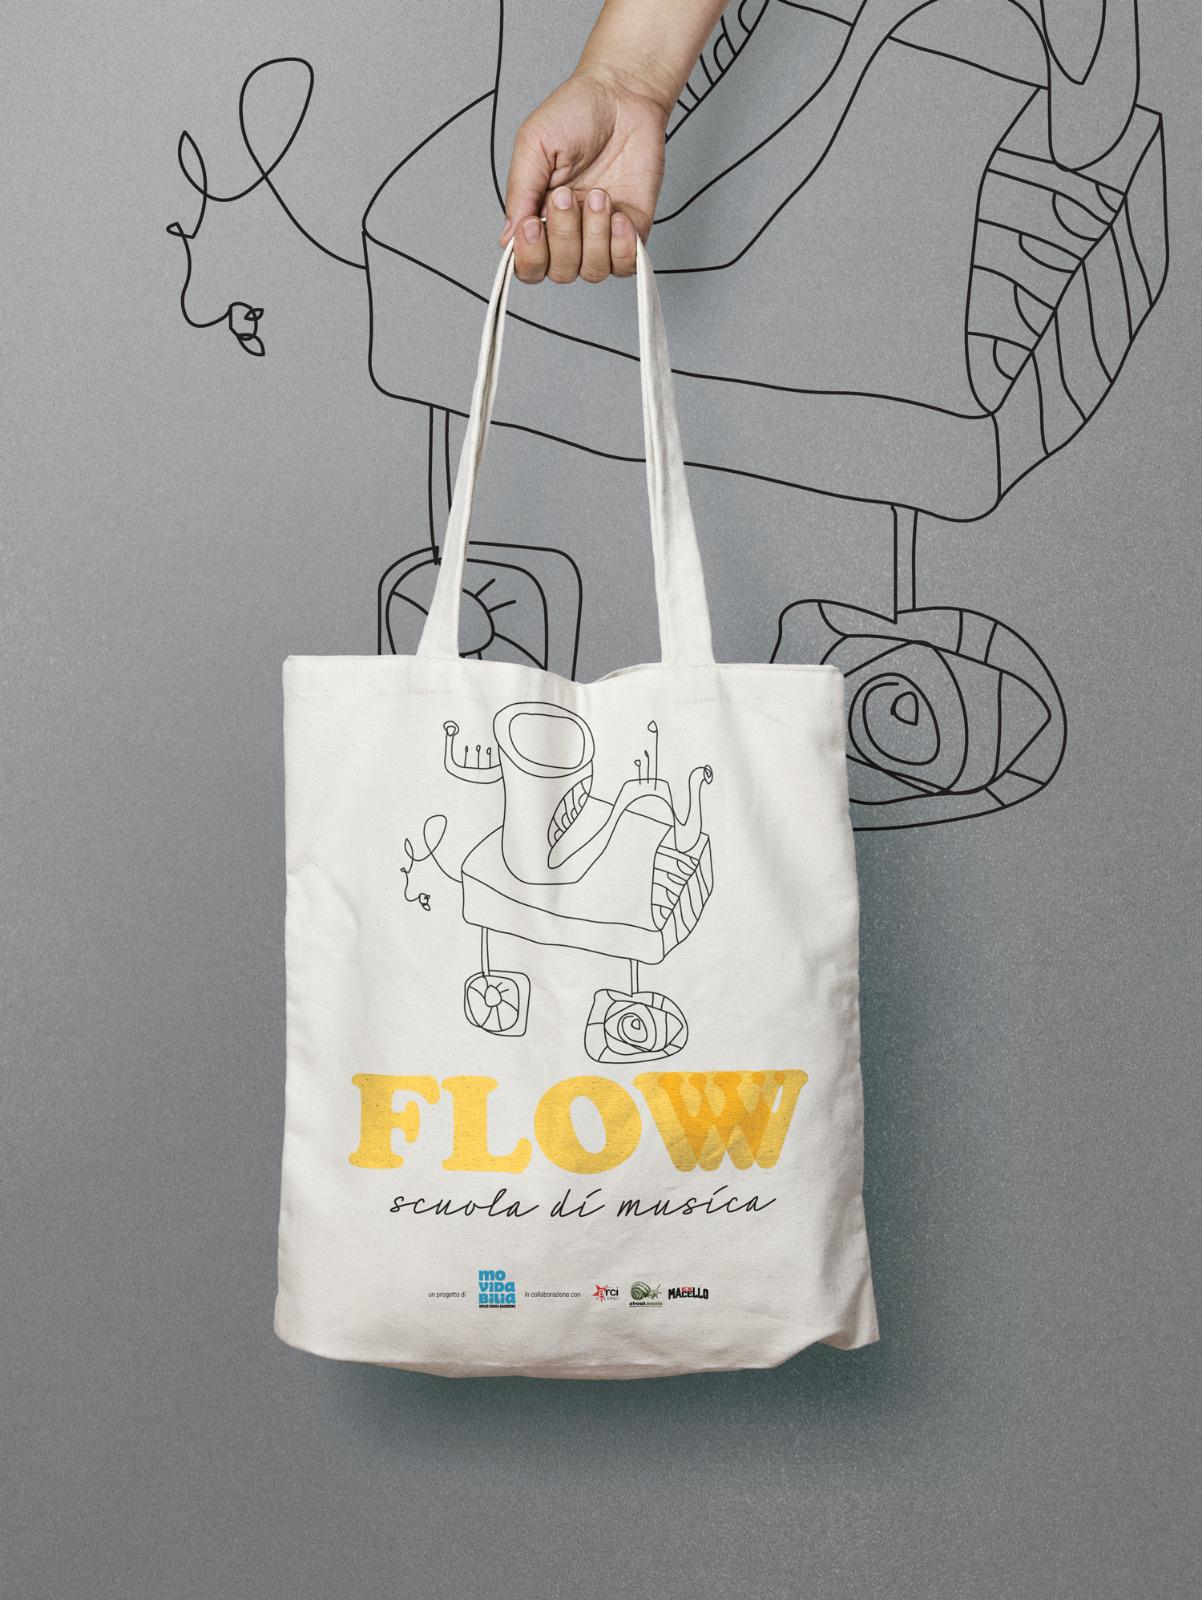 shopper di FLOW scuola di musica